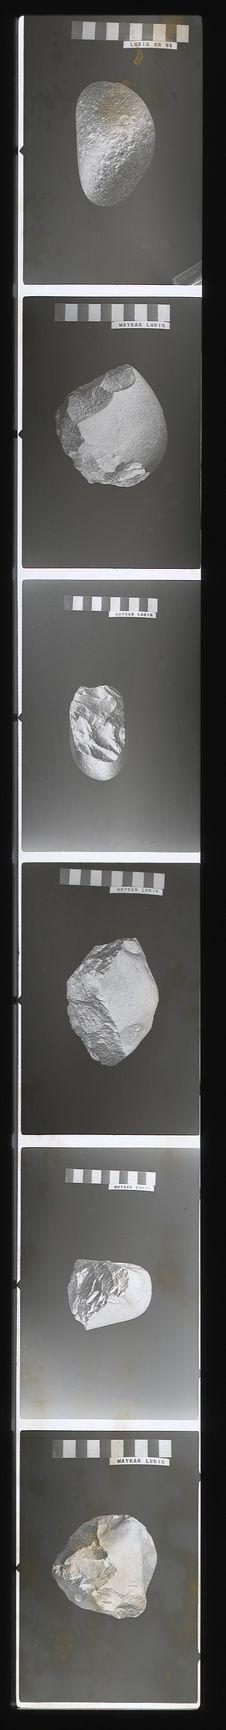 Bande film de 6 vues concernant des pierres taillées de Waykan Lurin